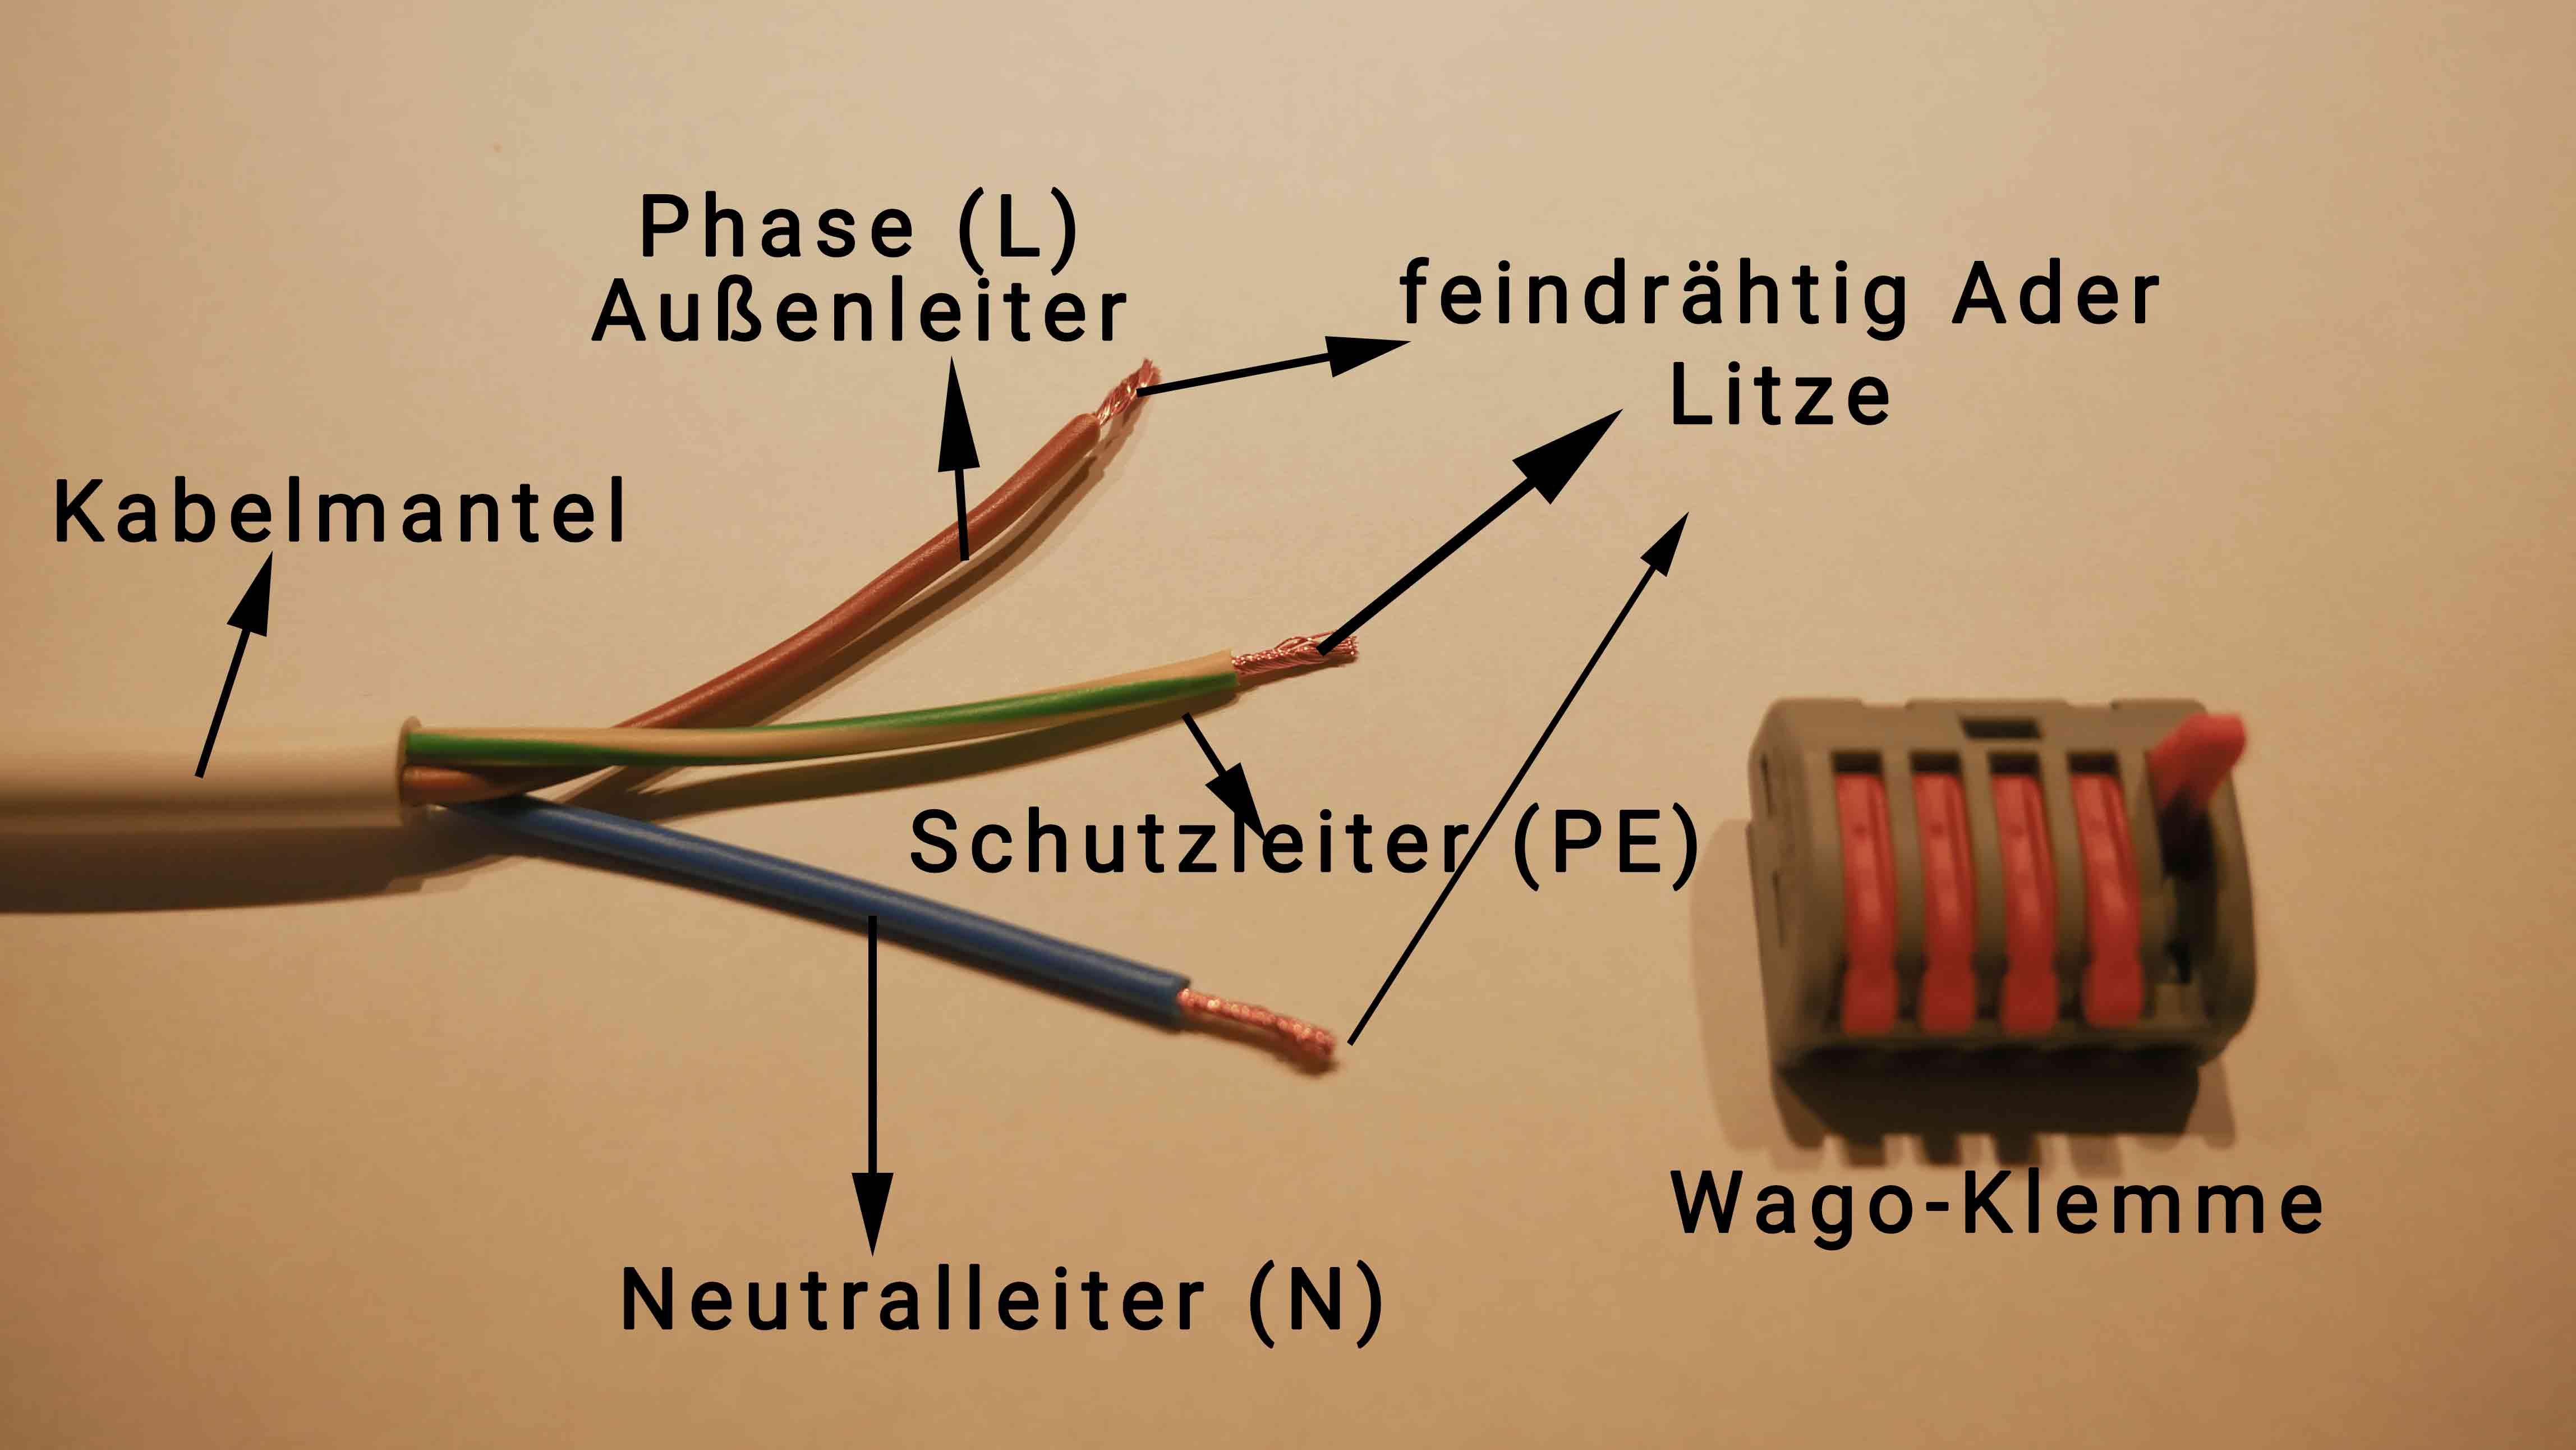 Sehr Lampe anschließen - ein Kabel, mehrere Lampen verkabeln - Made by KX59